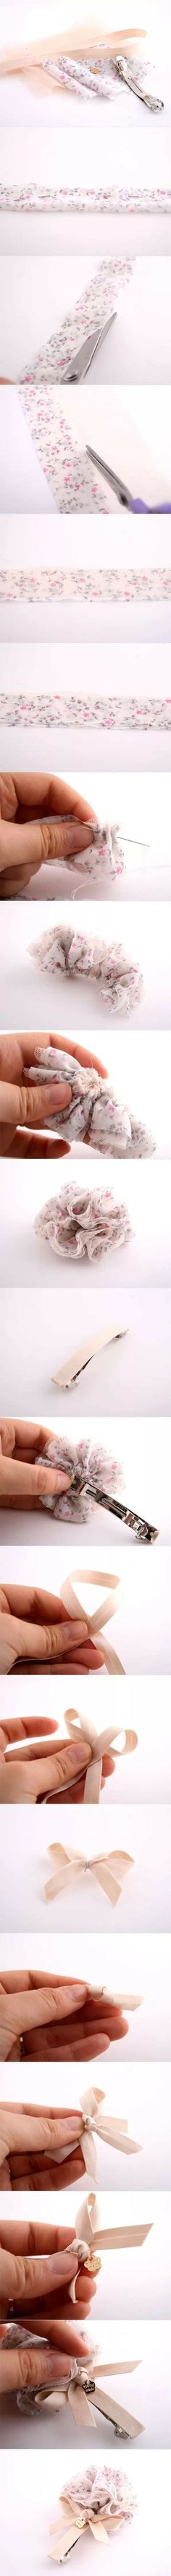 堆糖-美好生活研究所 Ribbon Art, Ribbon Crafts, Flower Crafts, Felt Flowers, Diy Flowers, Fabric Flowers, Ribbon Embroidery Tutorial, Fabric Flower Tutorial, Baby Hair Clips